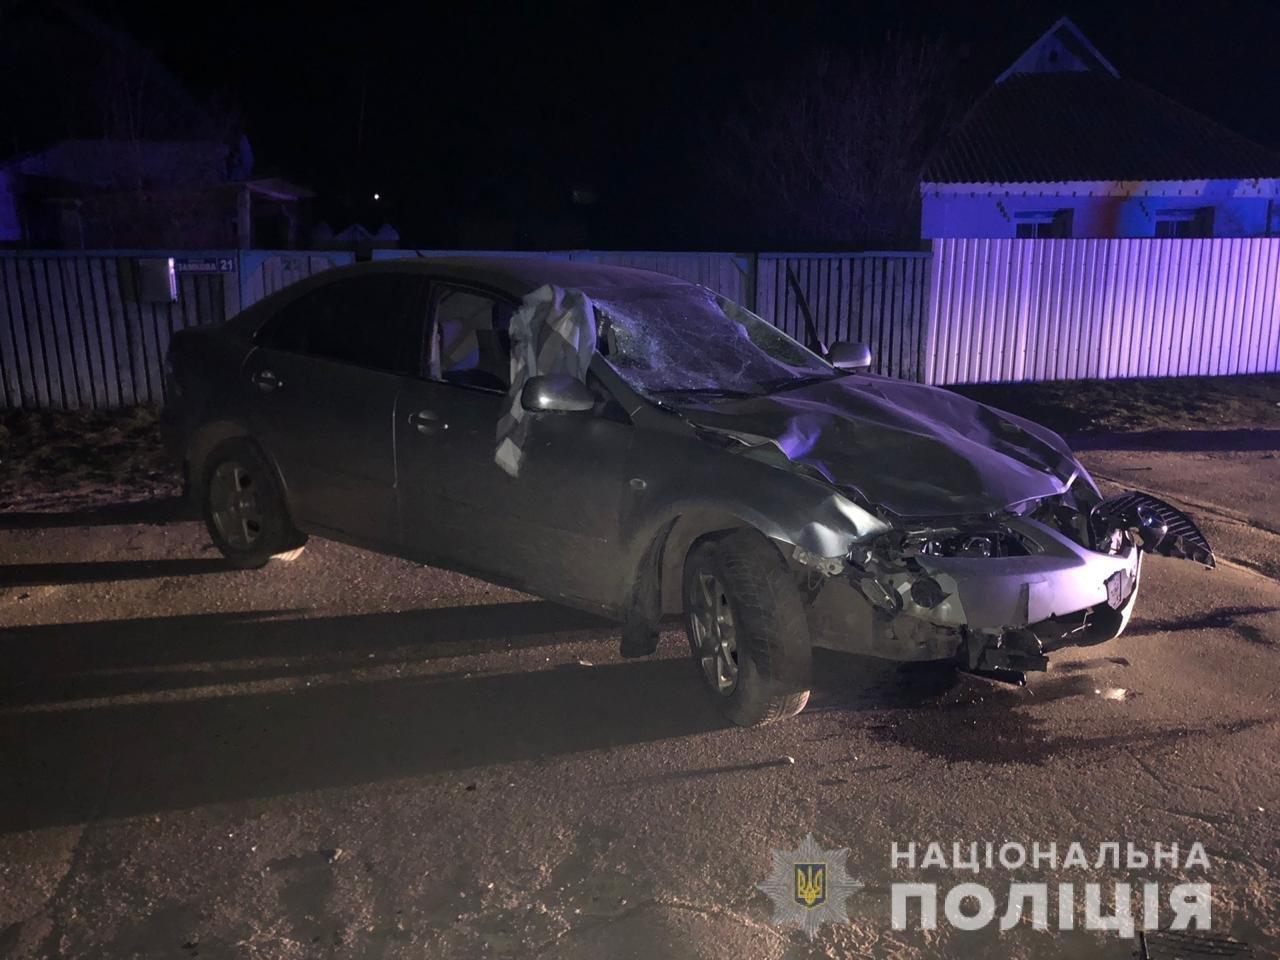 19-річного водія, який збив насмерть двох дівчат на Білоцерківщині, засудили до 10 років ув'язнення, фото-1